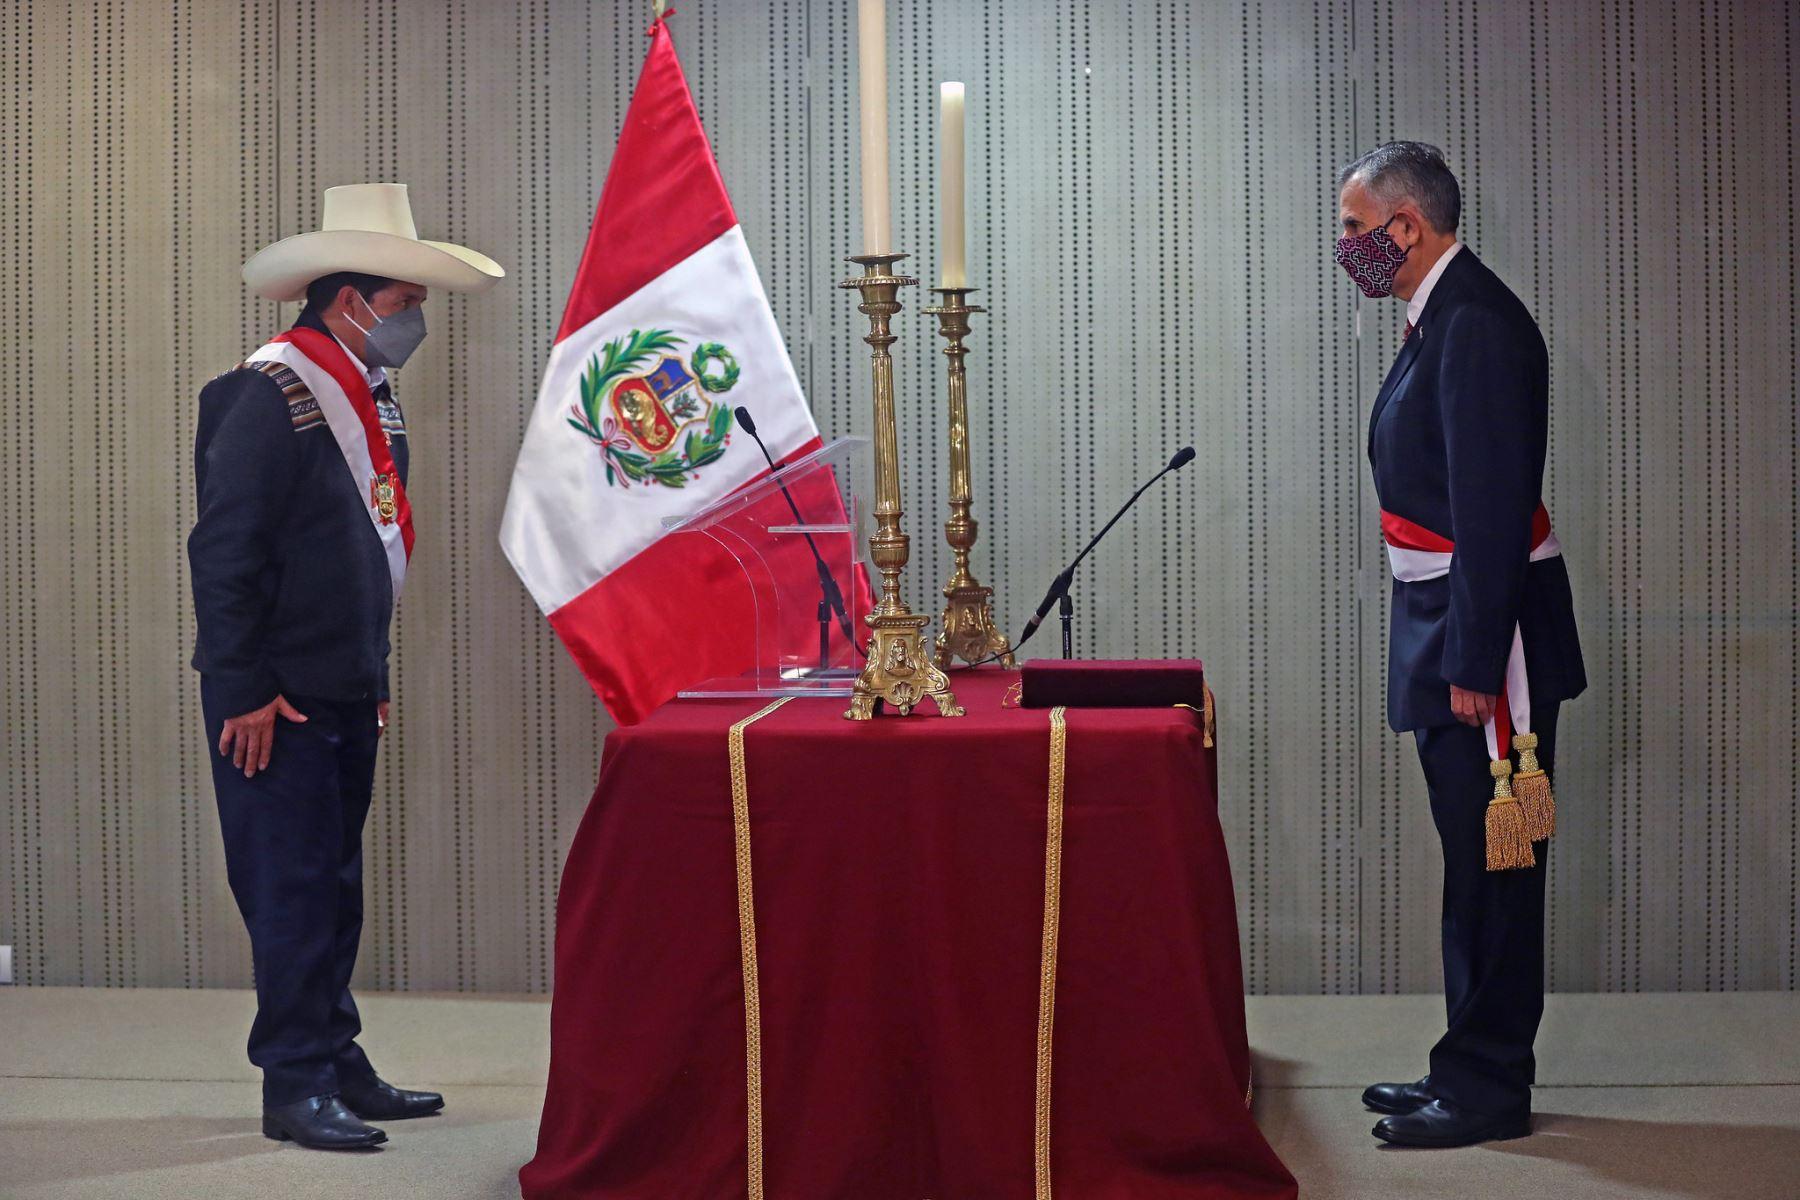 El presidente la República, Pedro Castillo, toma juramento de Pedro Francke como ministro de Economía y Finanzas. Foto: ANDINA/Prensa Presidencia